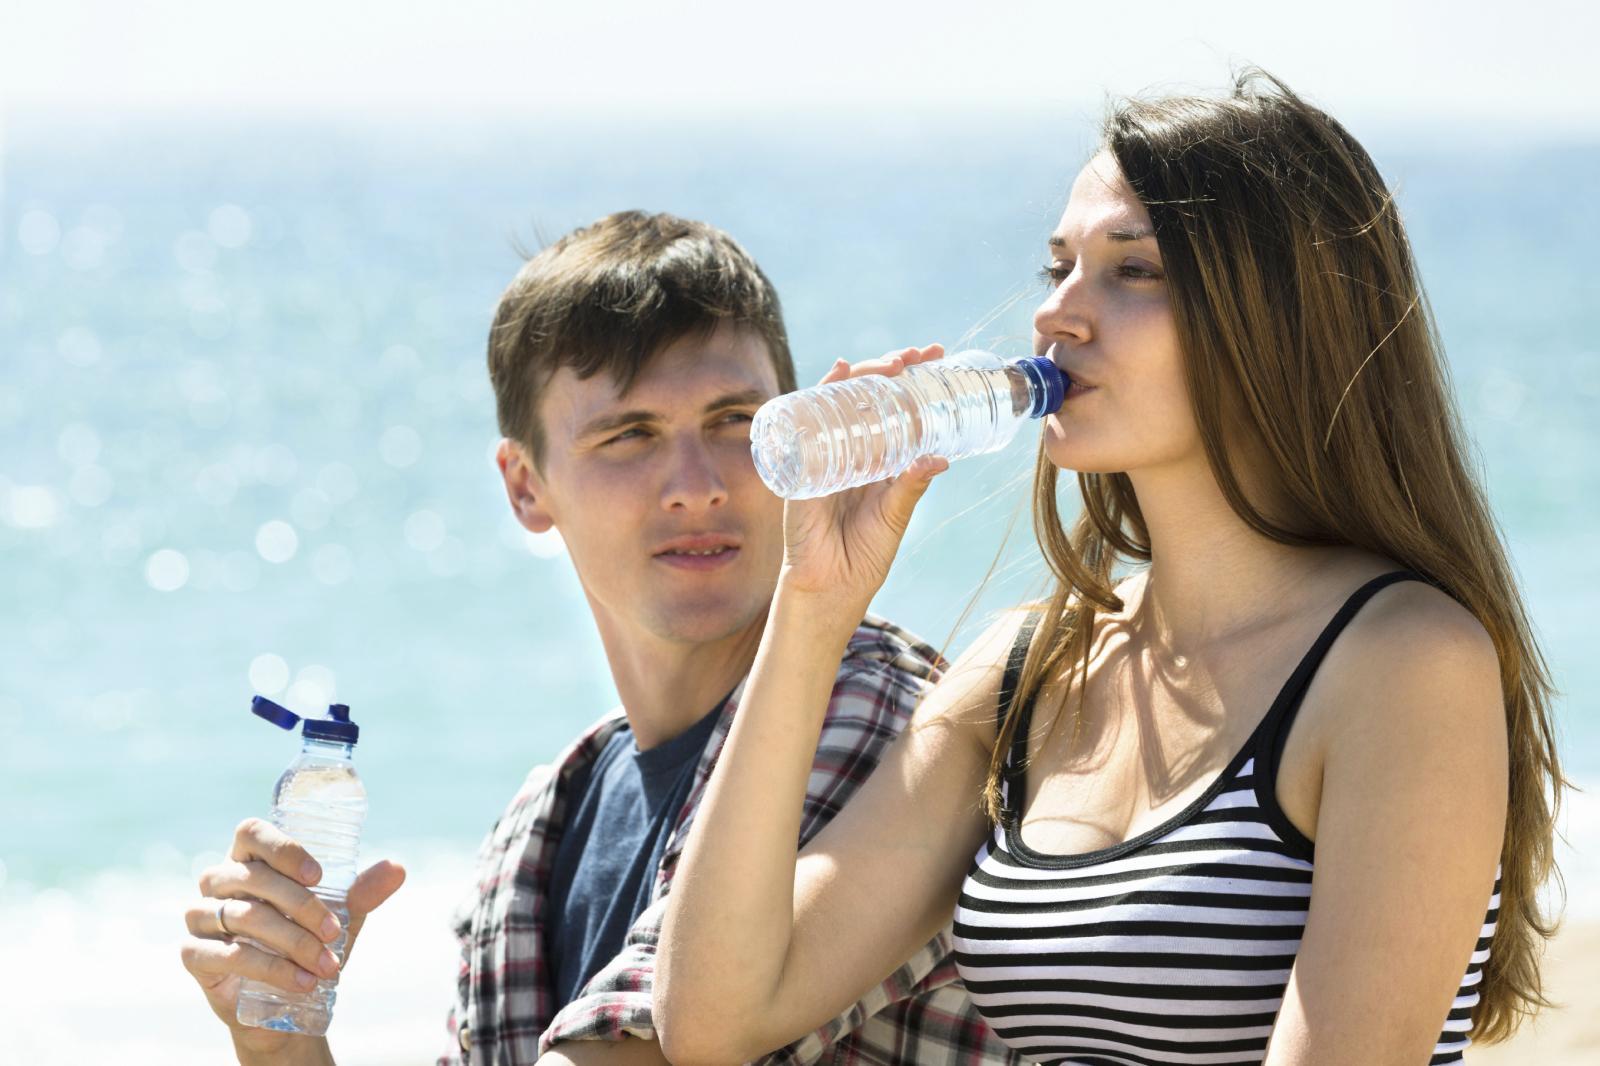 Razmislite o korištenju staklene ambalaže za boce i posude koje koristite višekratno!